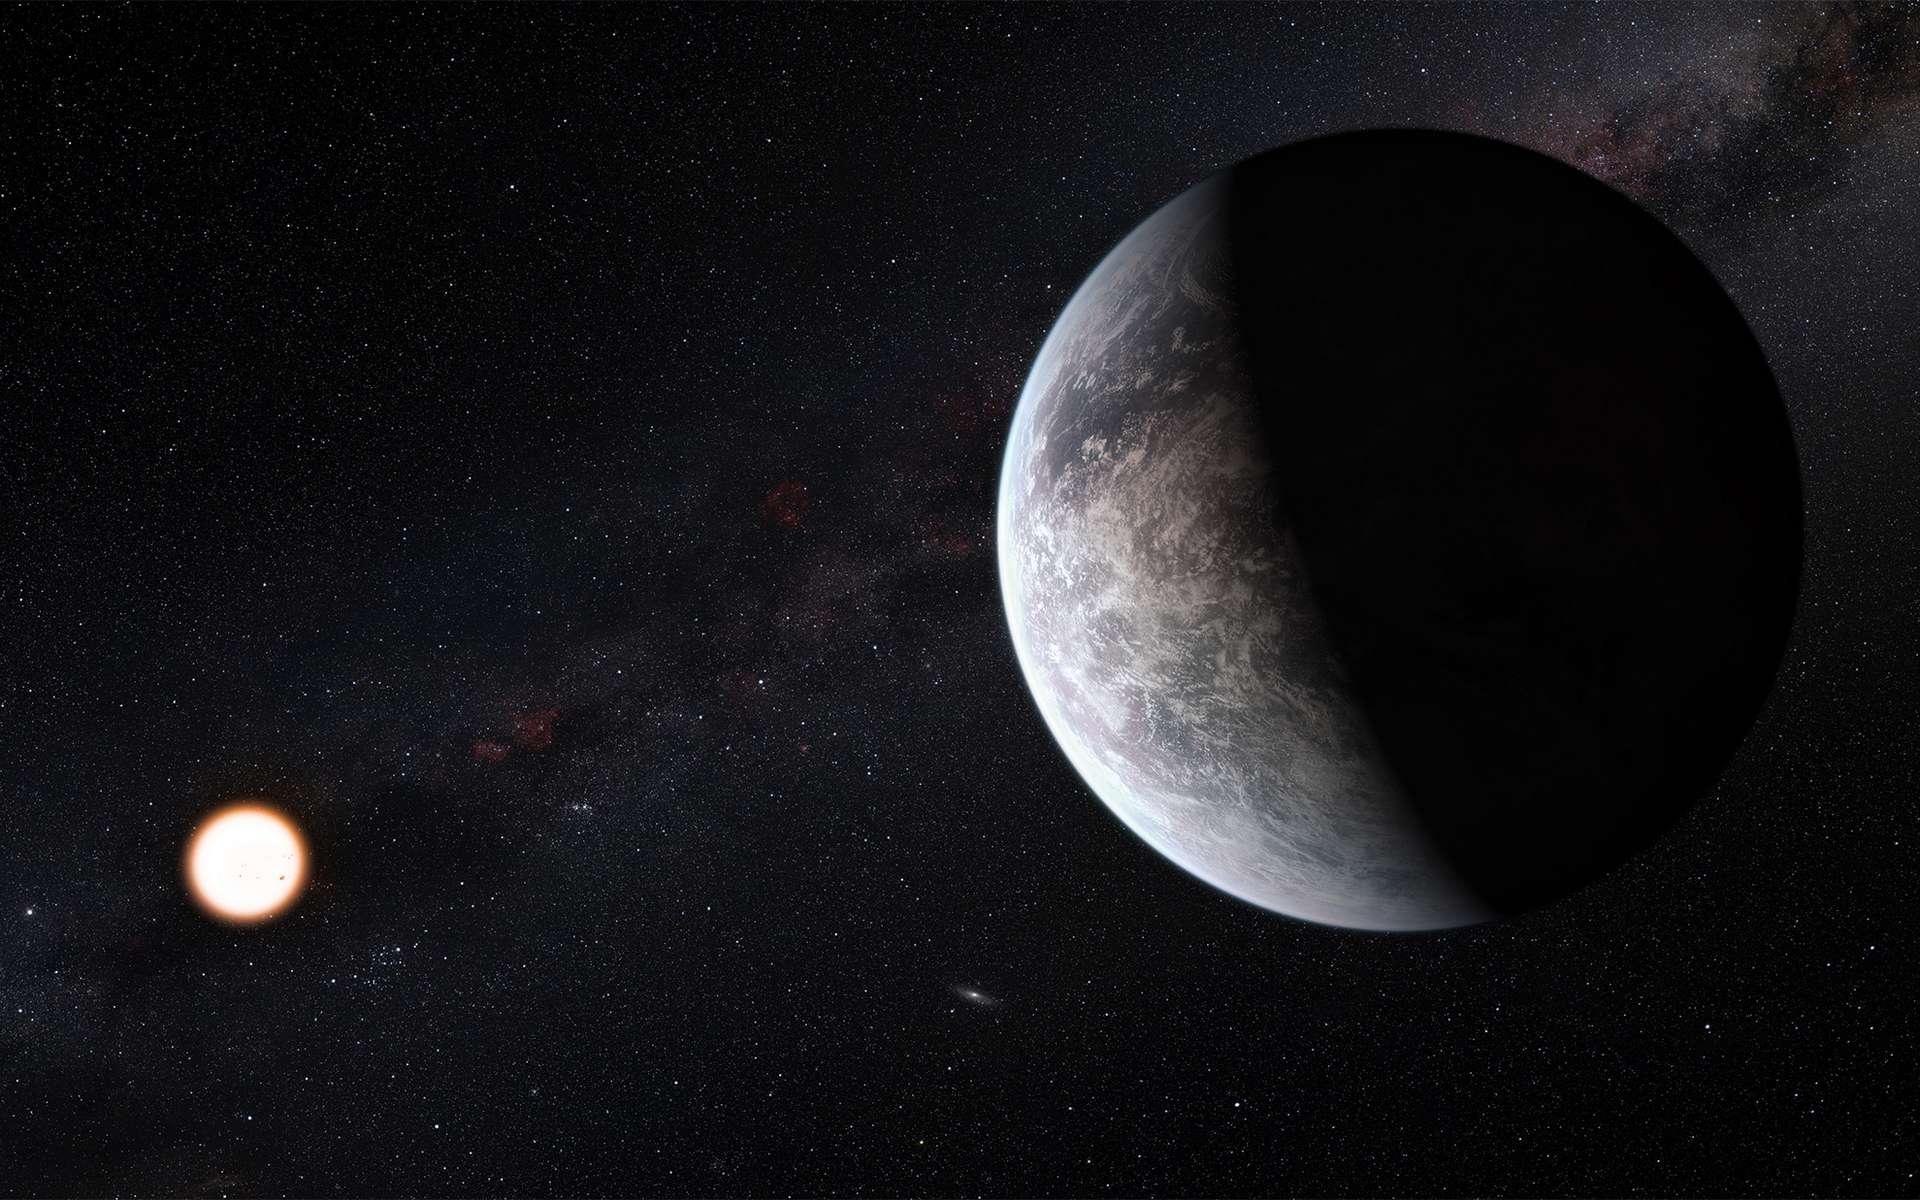 Vue d'artiste d'une exoplanète tellurique à proximité de son étoile. @ ESO, M. Kornmesser